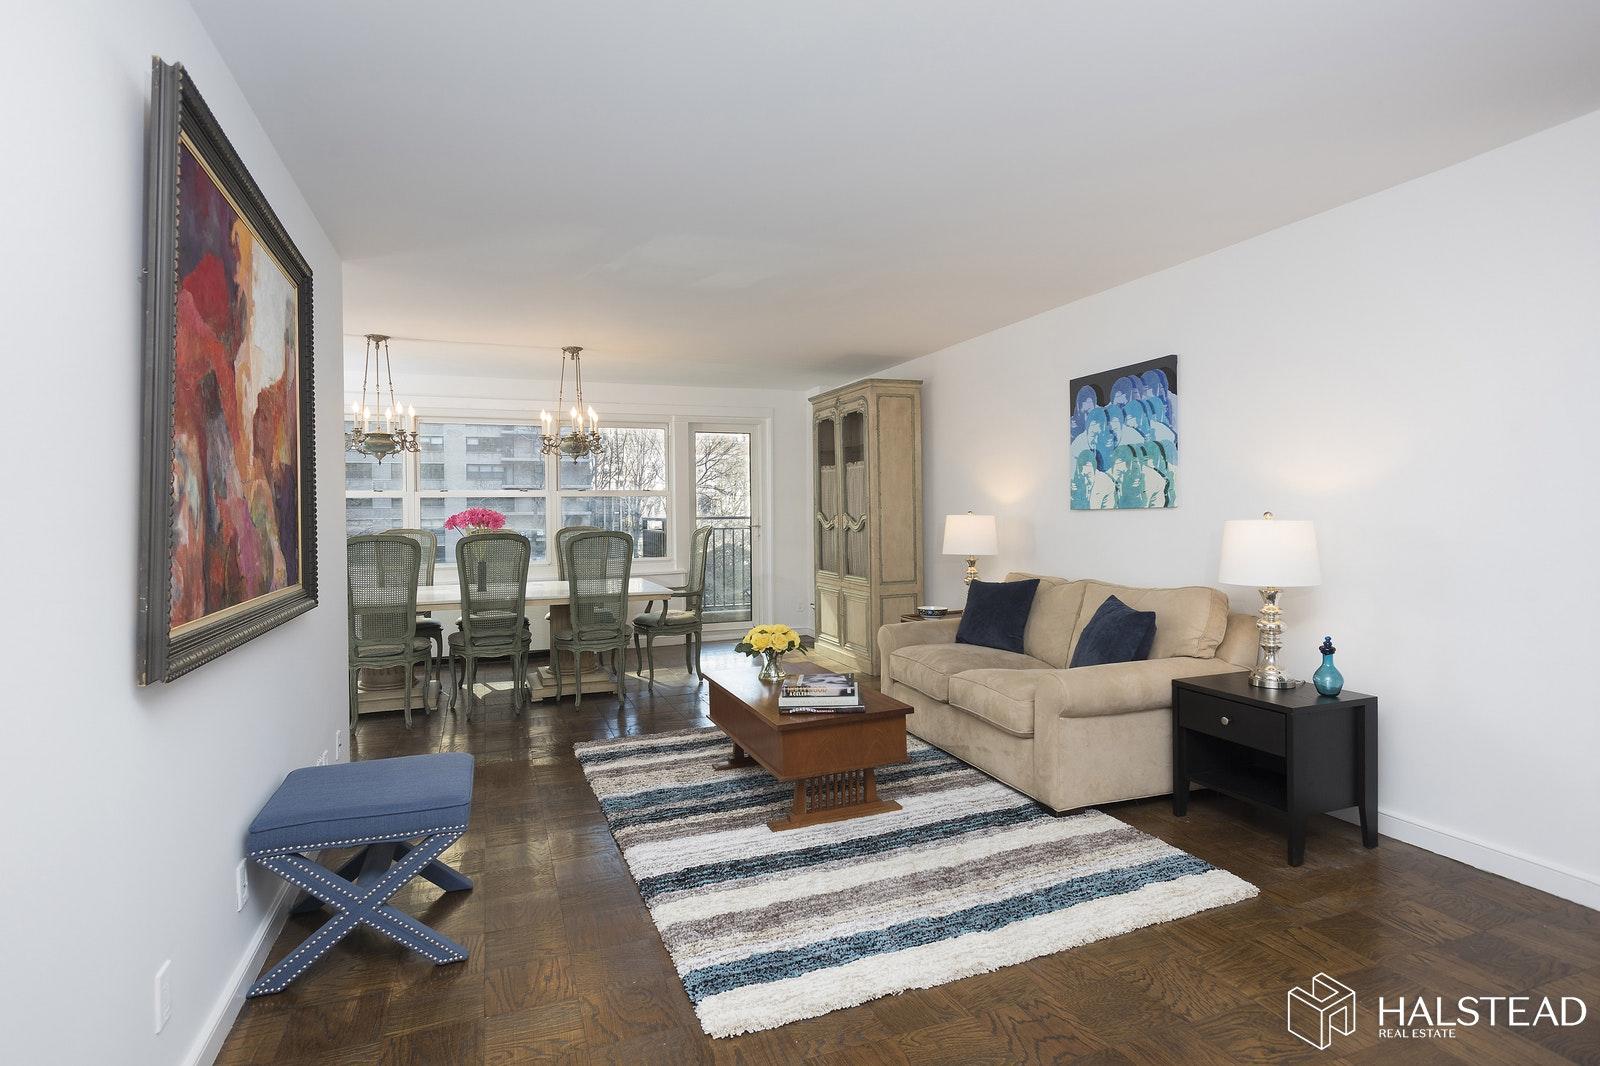 Apartment for sale at 150 West End Avenue, Apt 4L